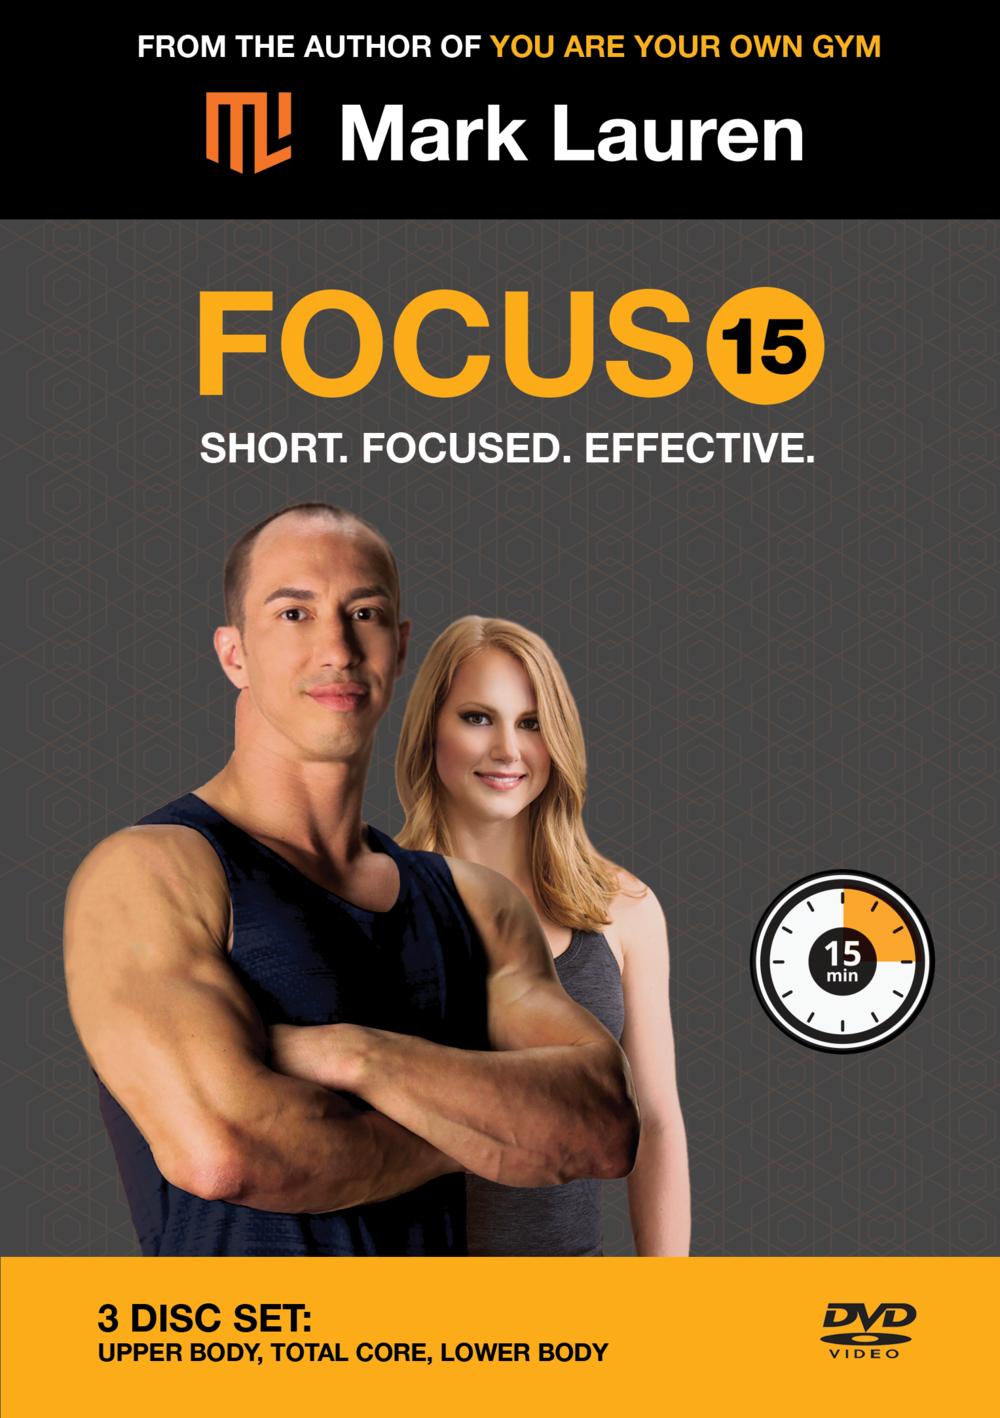 Focus15.png